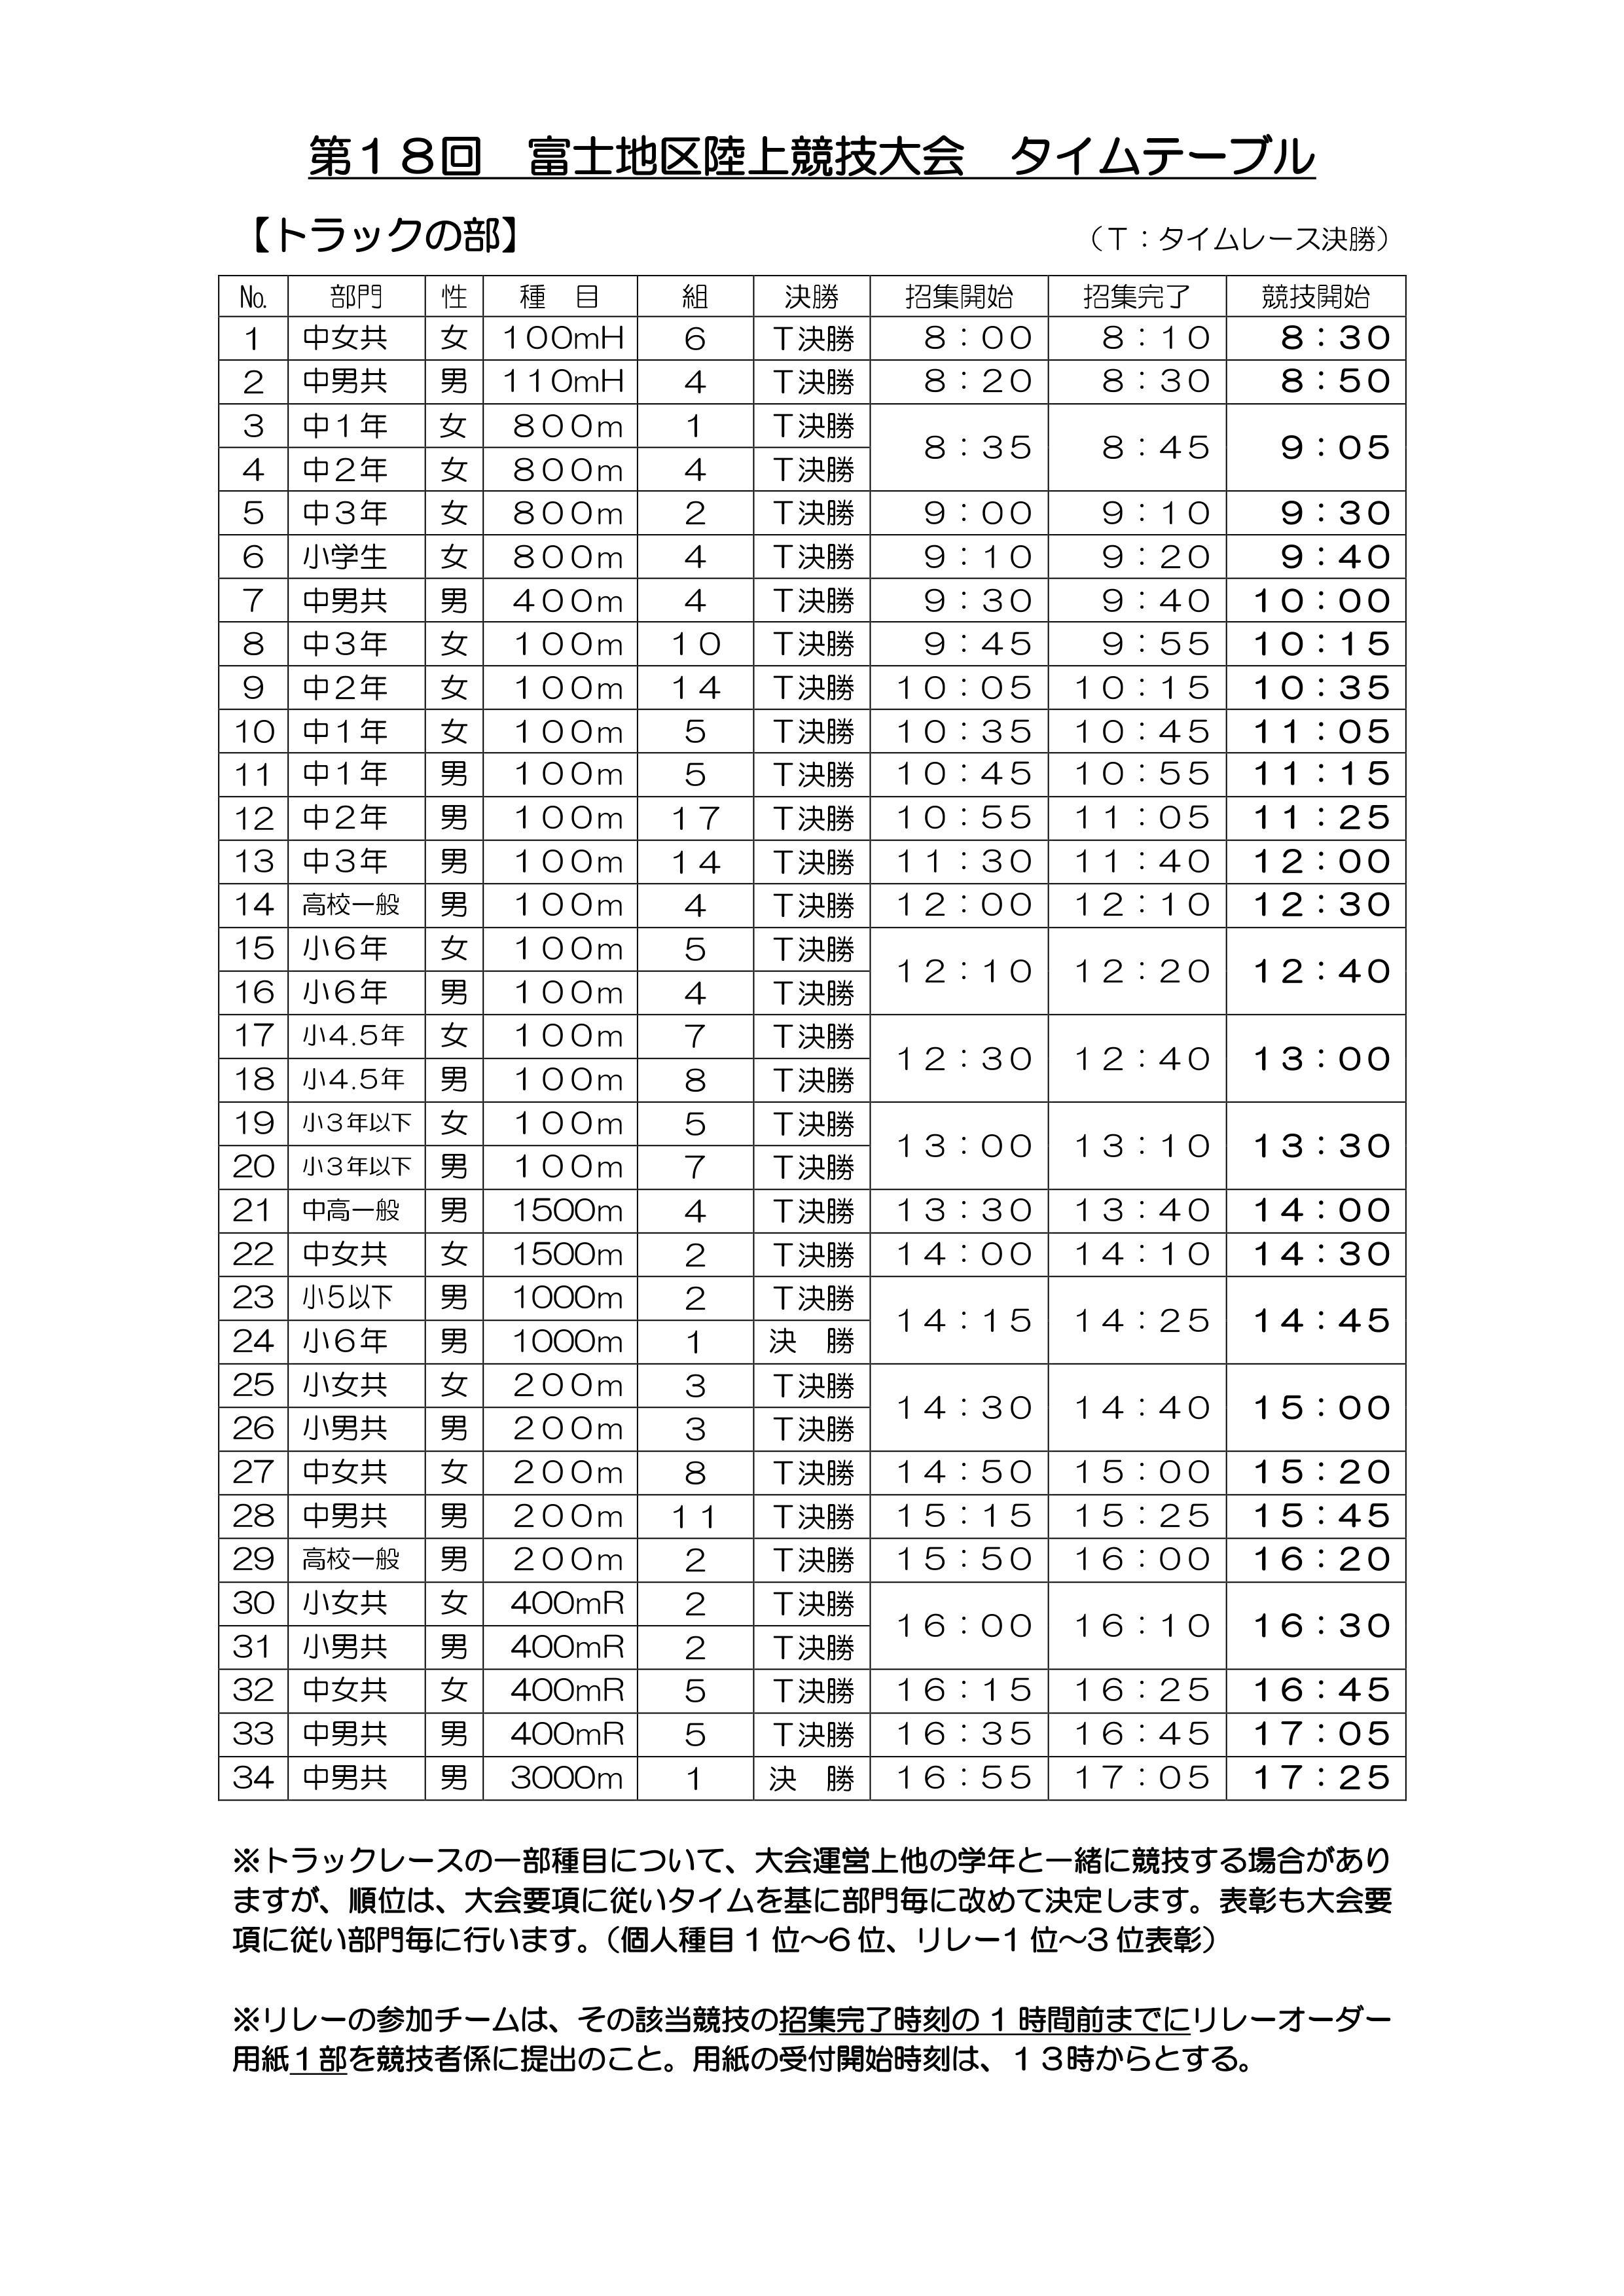 fujiTT1705201